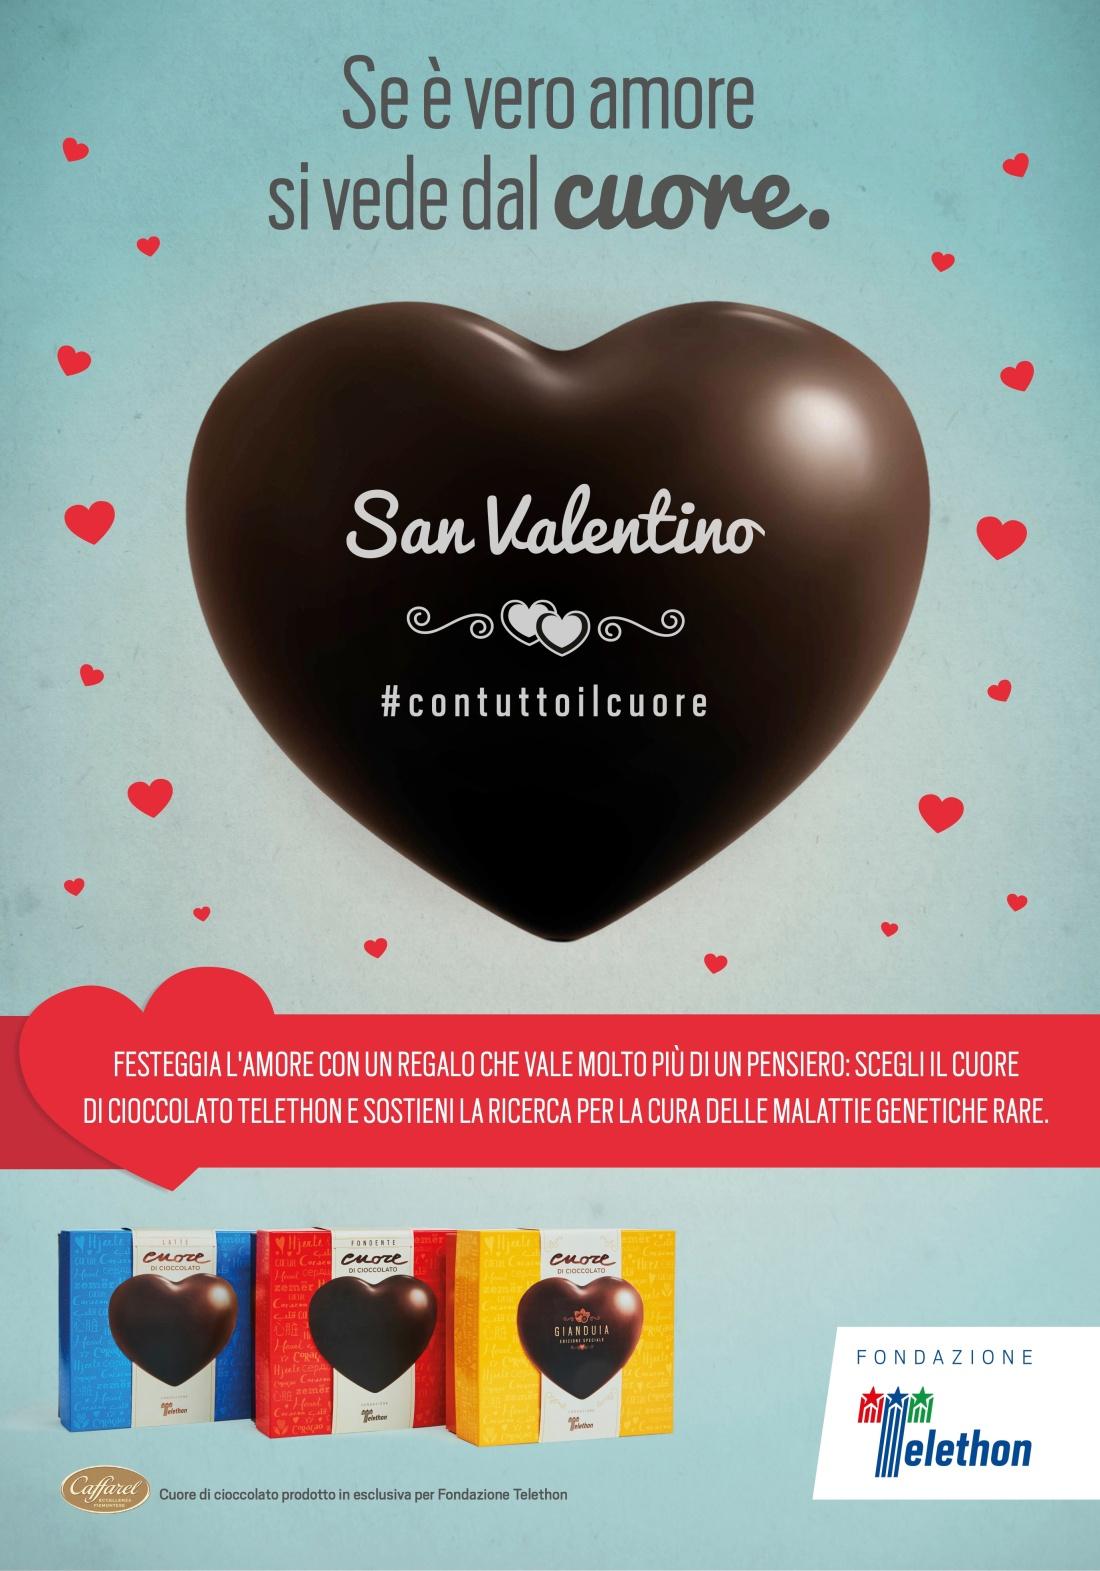 SAN VALENTINO Cuore di CioccolatoManifesto70x100(1)